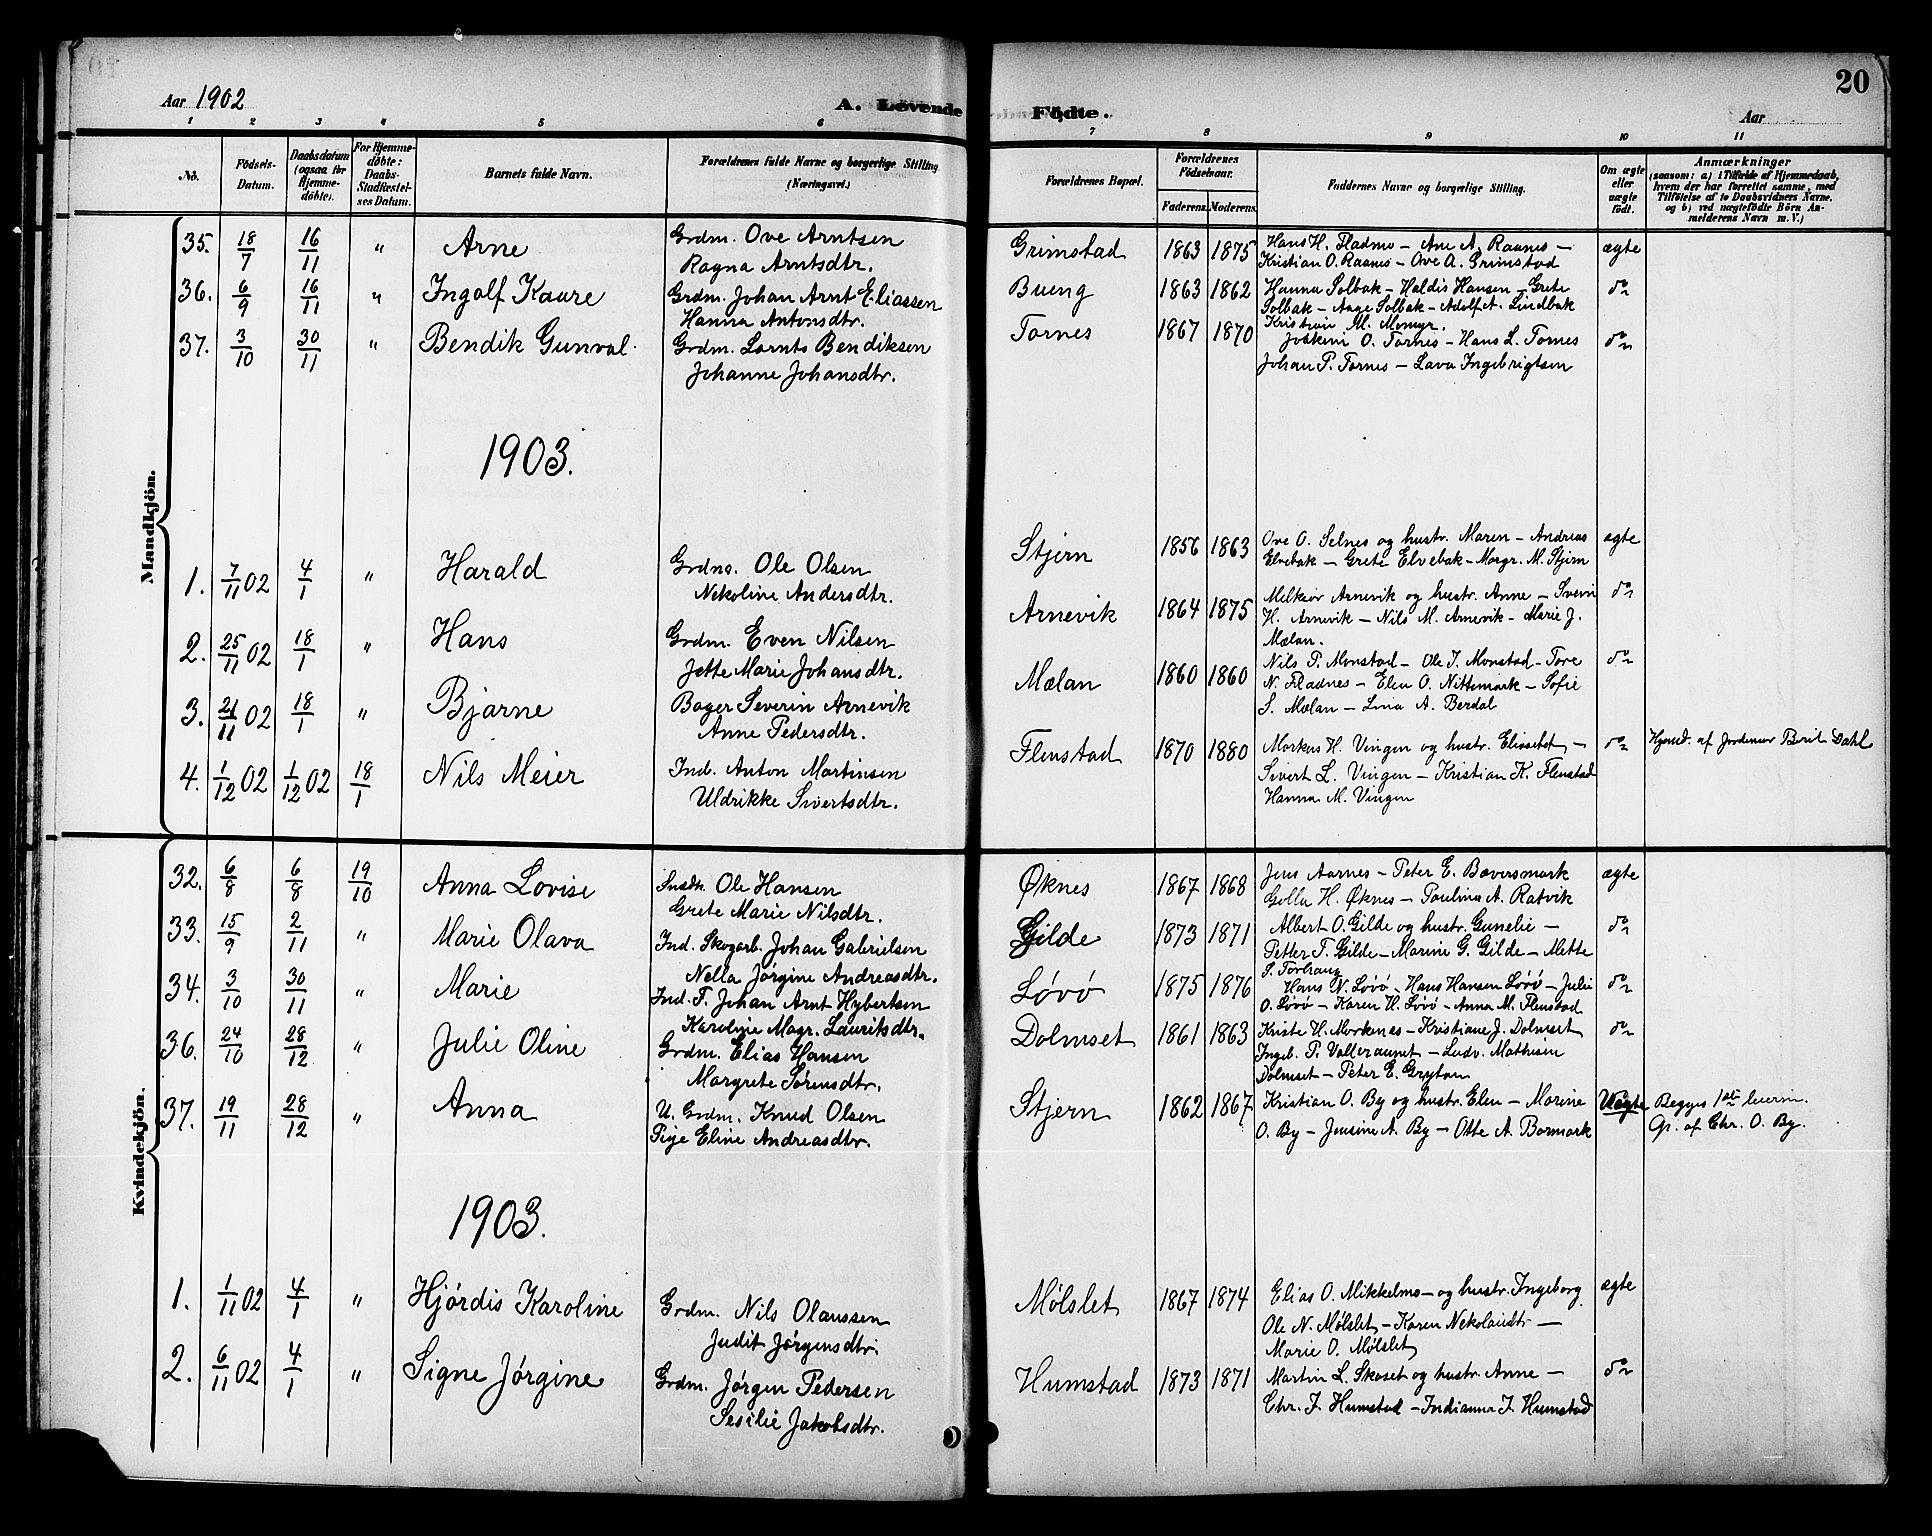 SAT, Ministerialprotokoller, klokkerbøker og fødselsregistre - Sør-Trøndelag, 655/L0688: Klokkerbok nr. 655C04, 1899-1922, s. 20